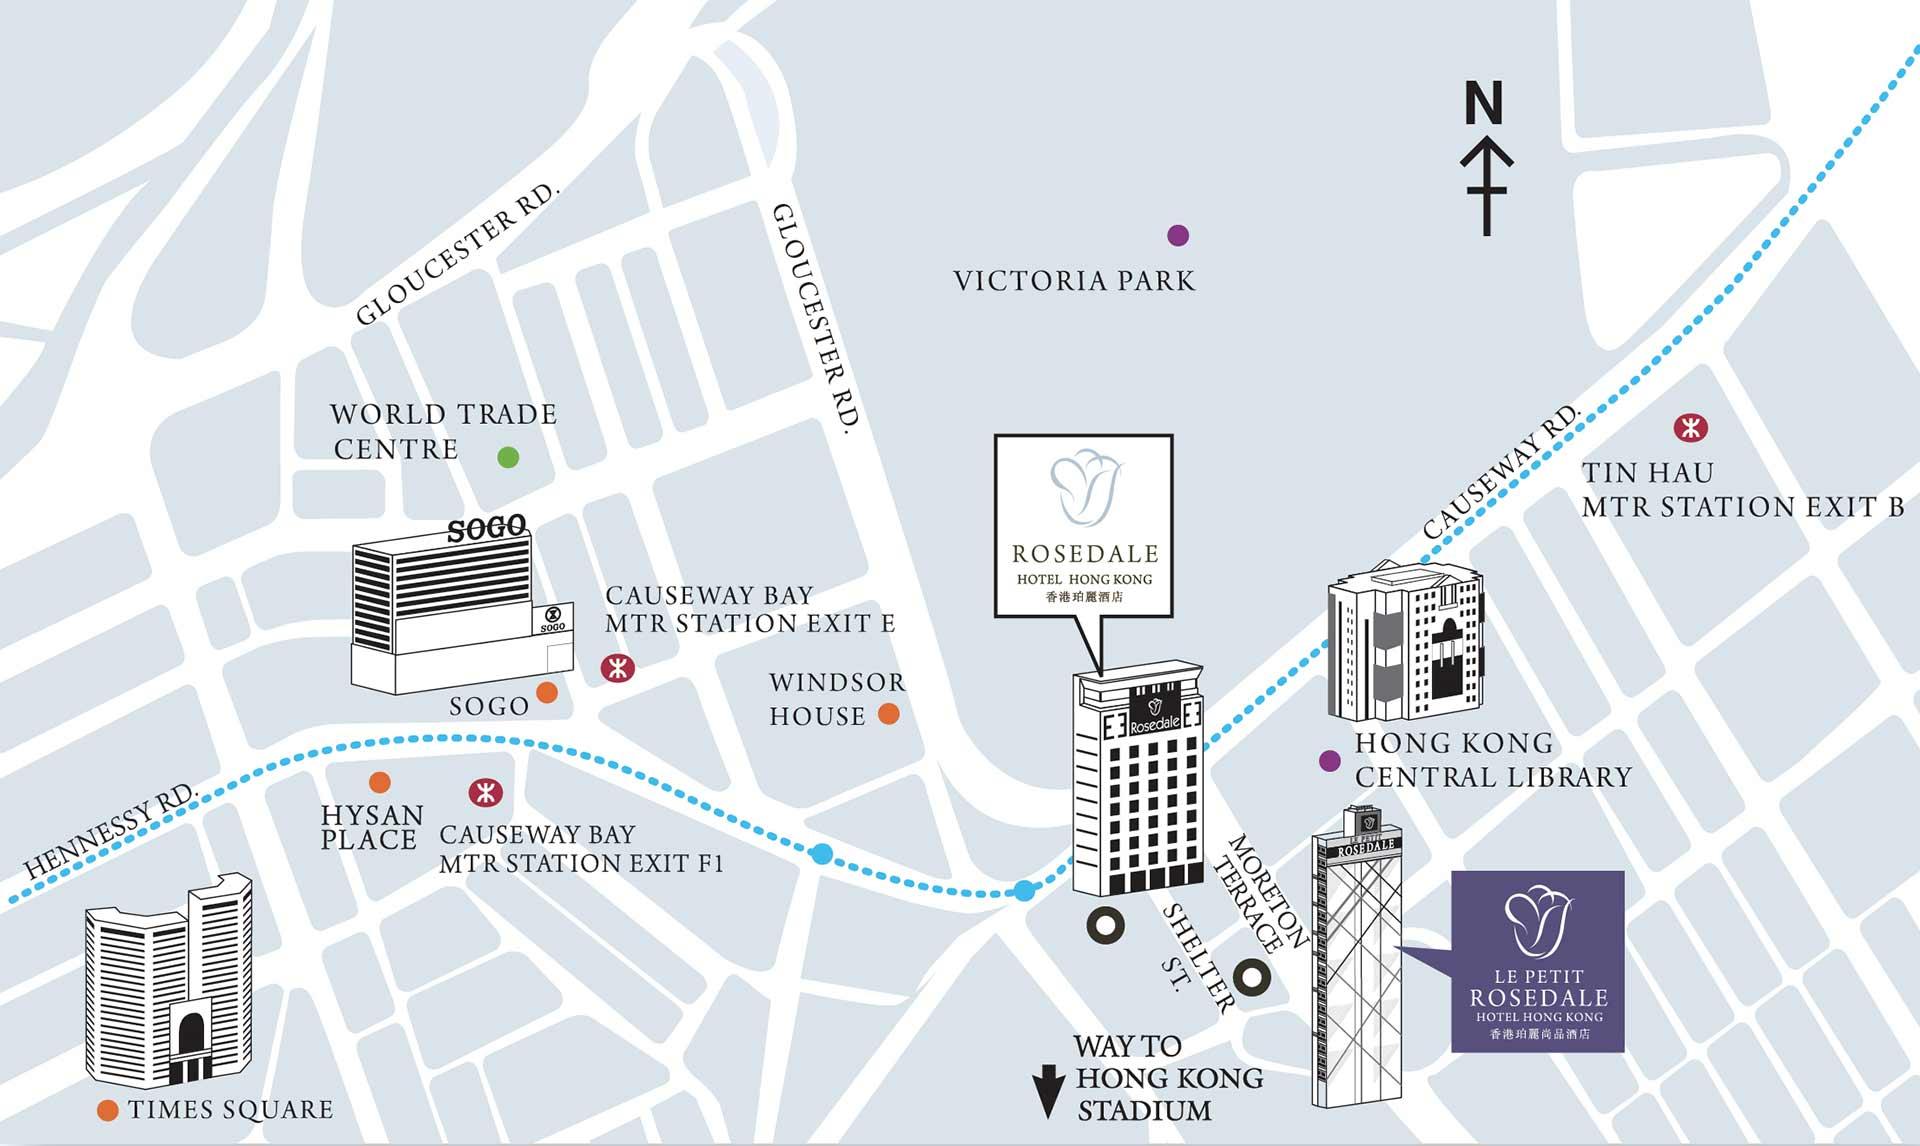 Hong Kong Subway Map Download.Hotel Location Le Petit Rosedale Hotel Hong Kong